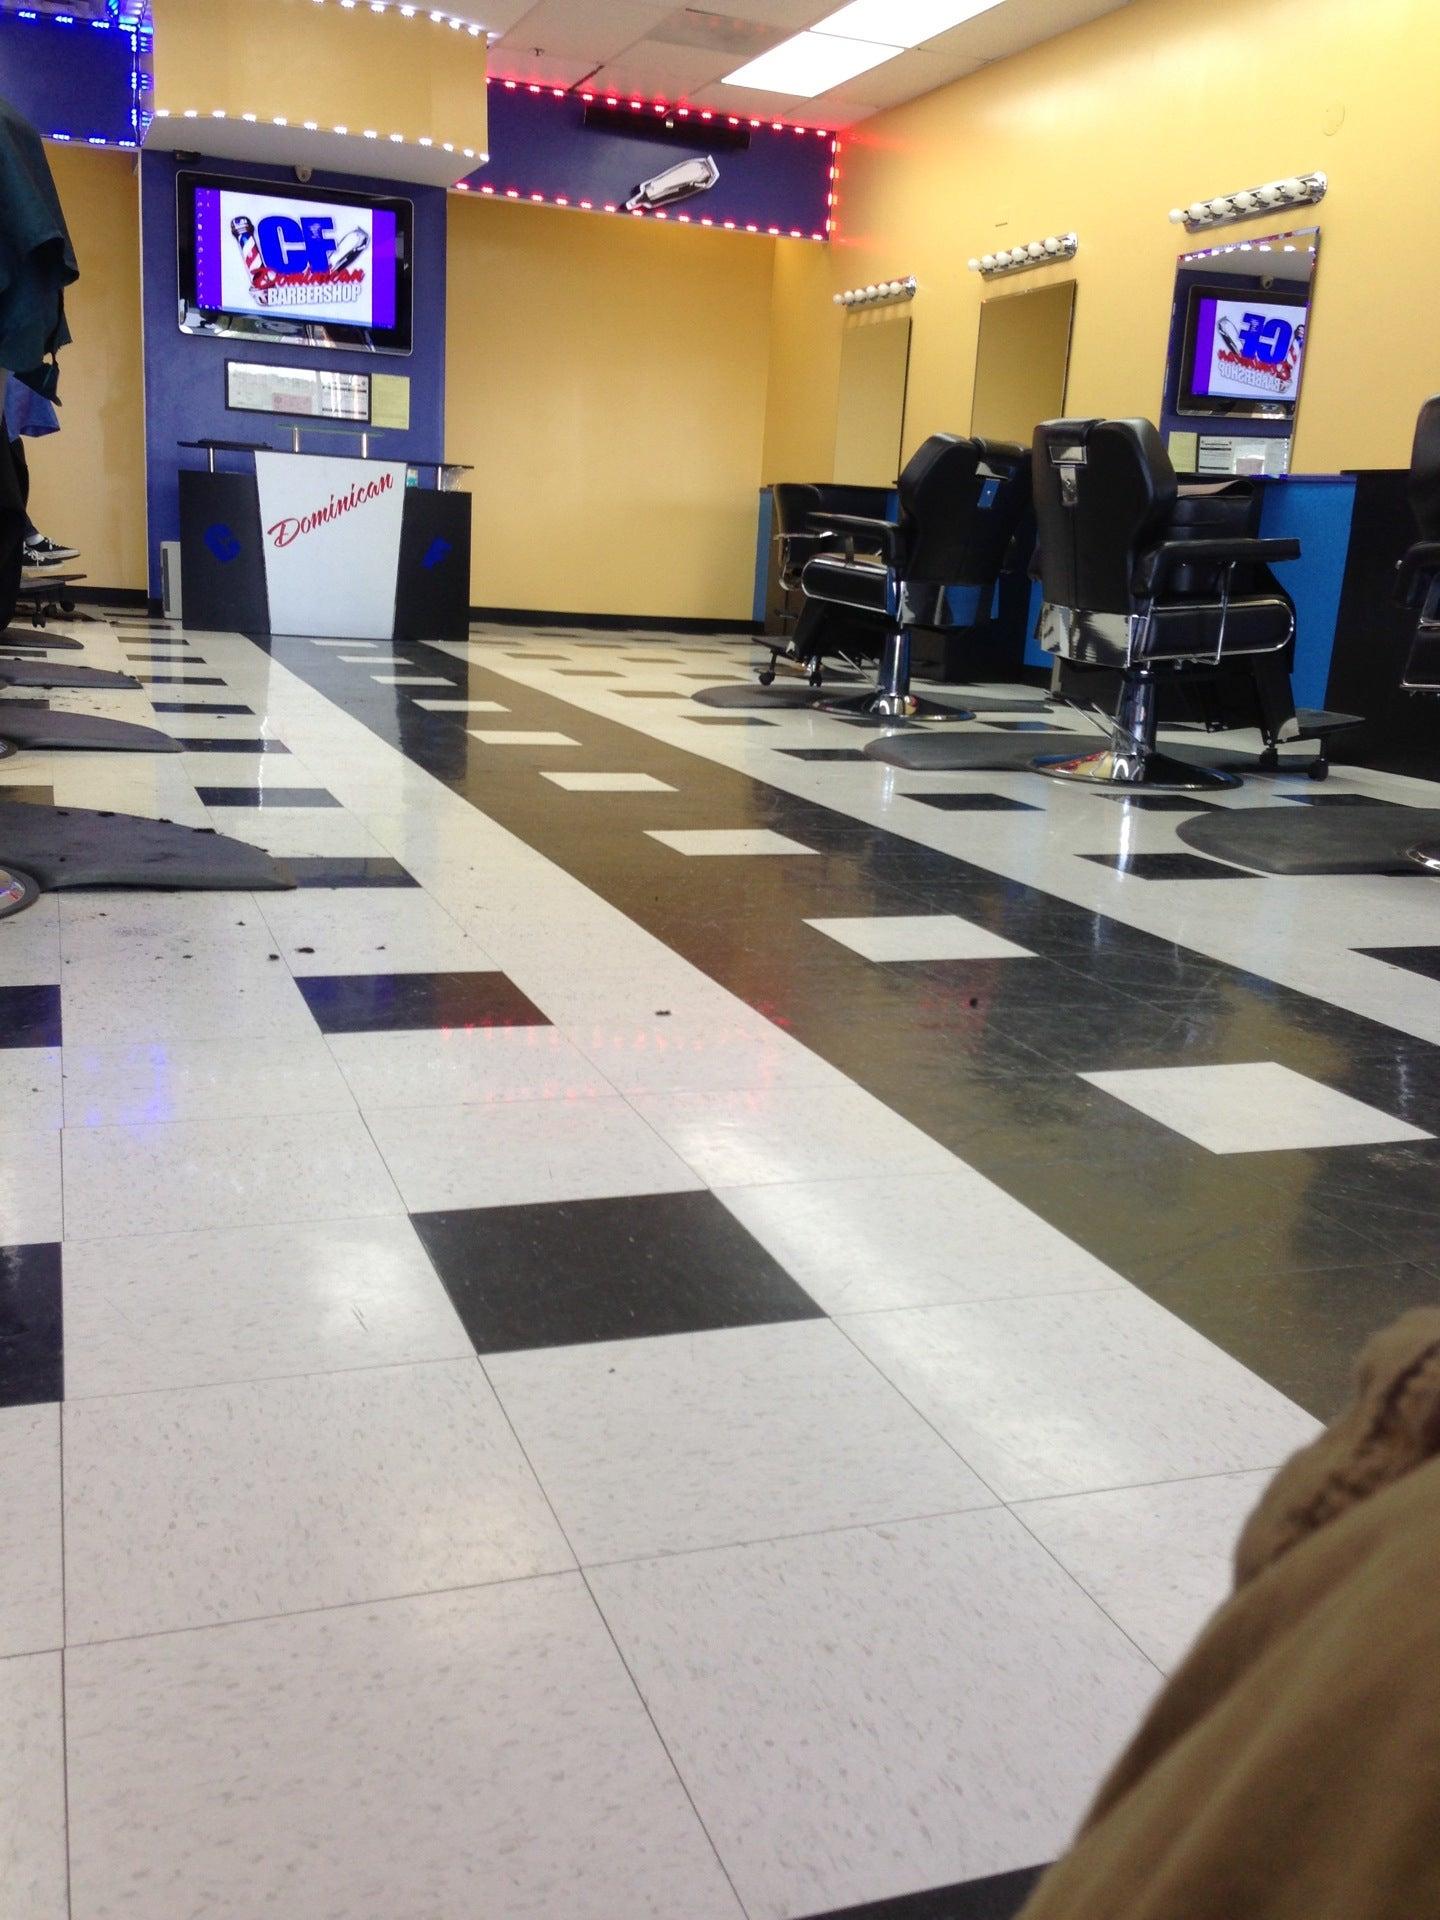 Cf Dominican Barbershop,